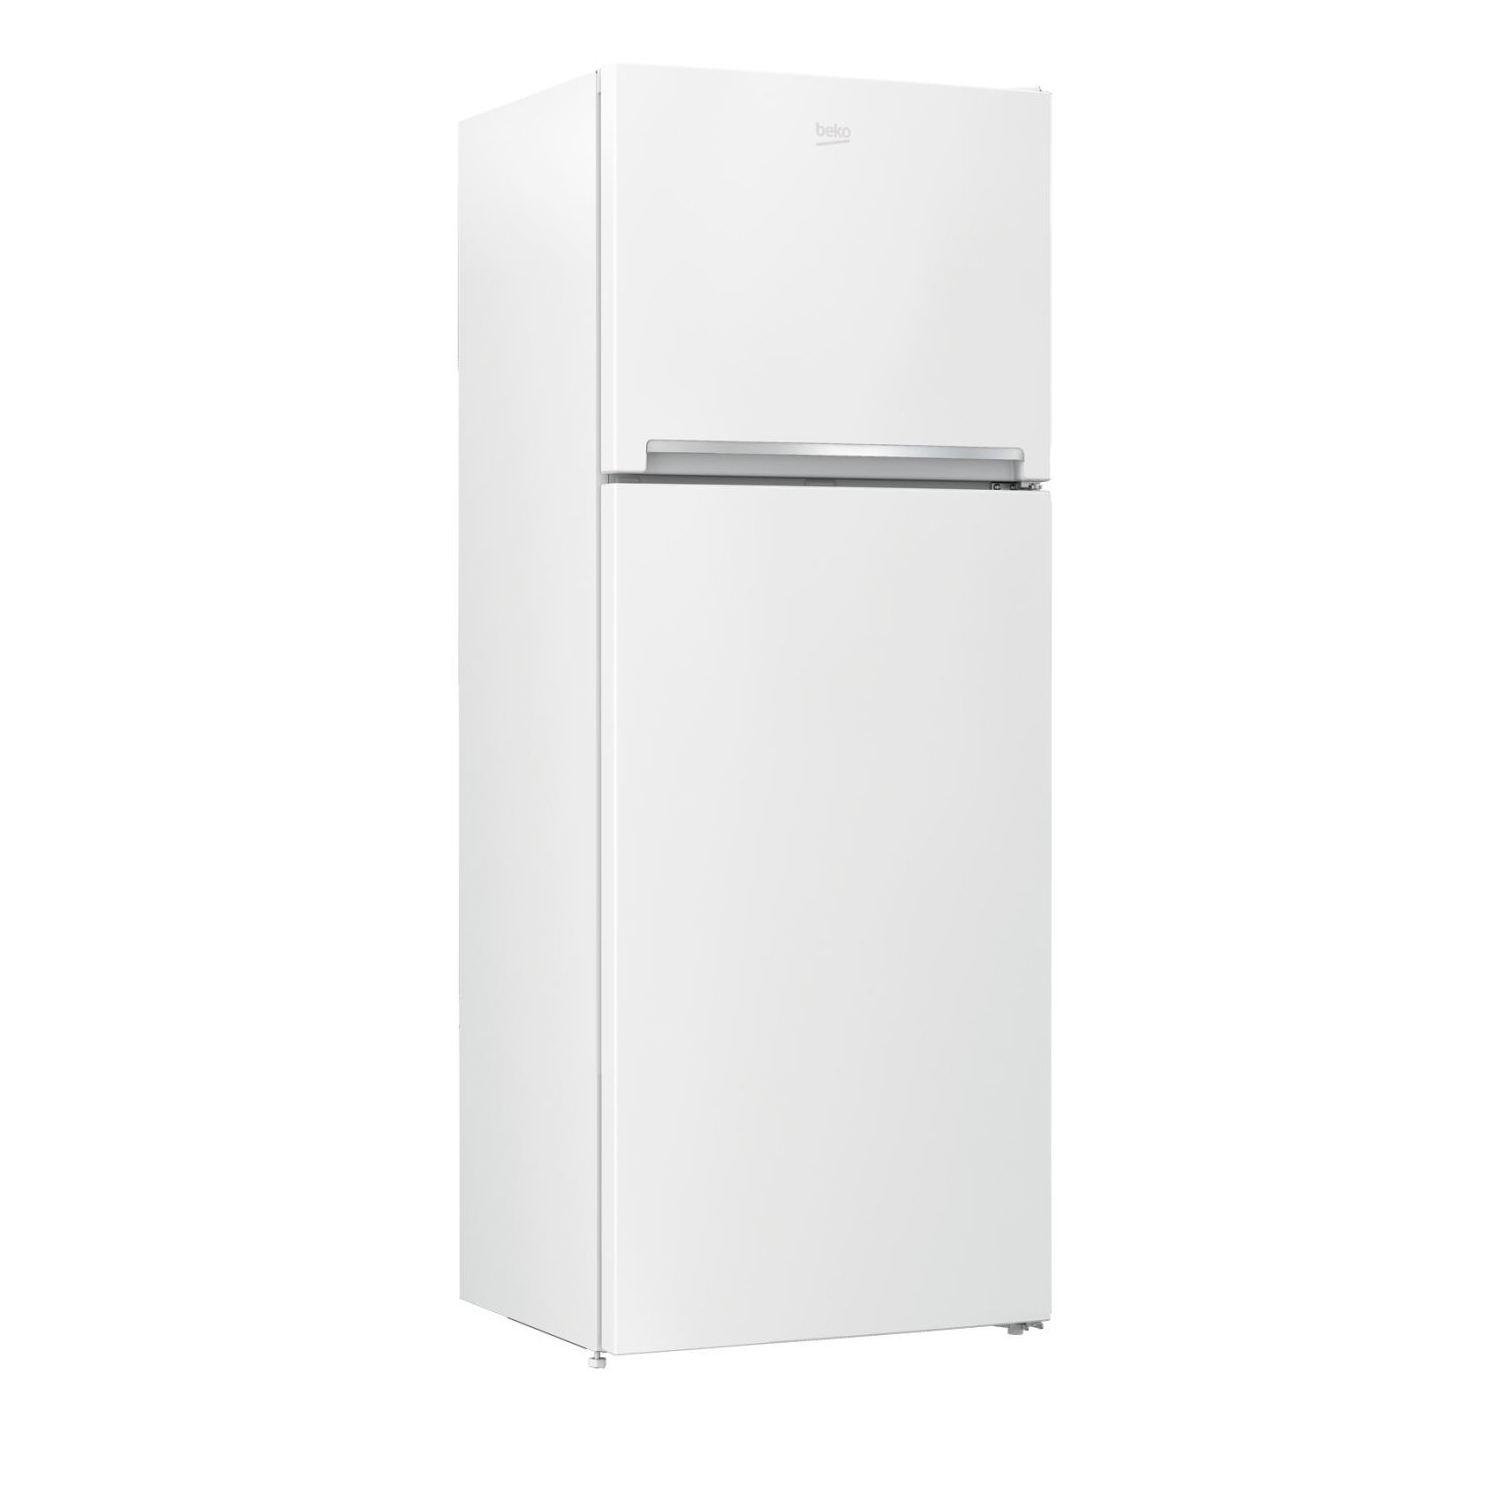 Frigorifico Beko RDNE455K20W 2Puertas Blanco Neo Frost Clase A+ LED ---489€: Productos y Ofertas de Don Electrodomésticos Tienda online